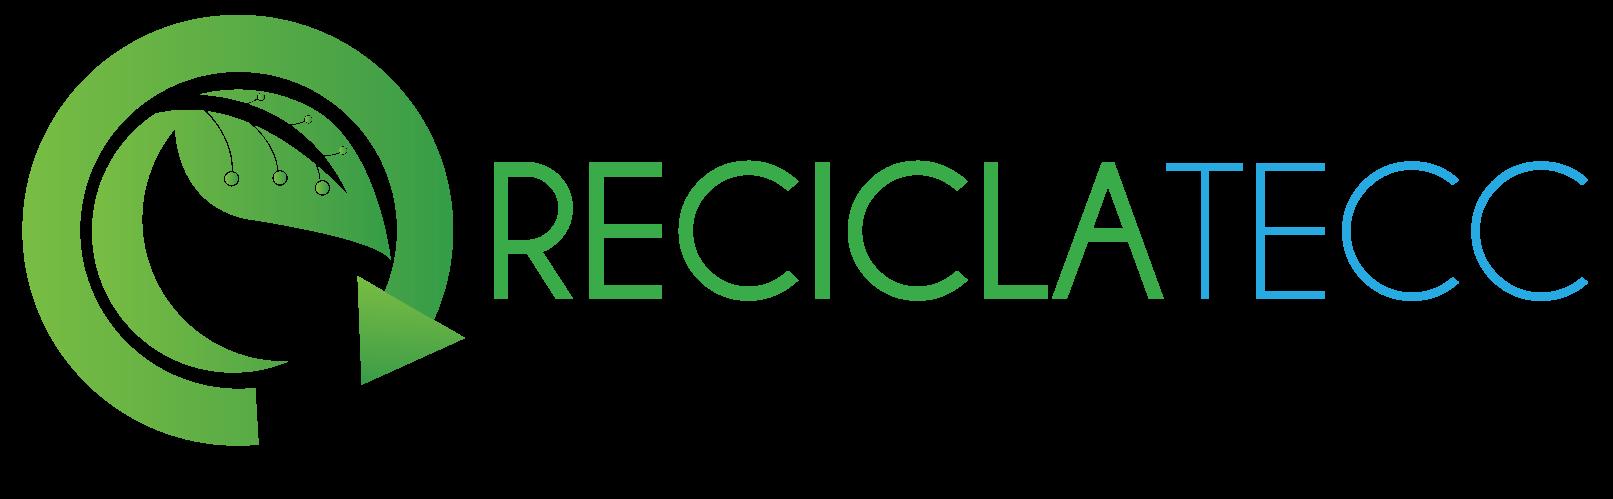 Logo reciclatecc